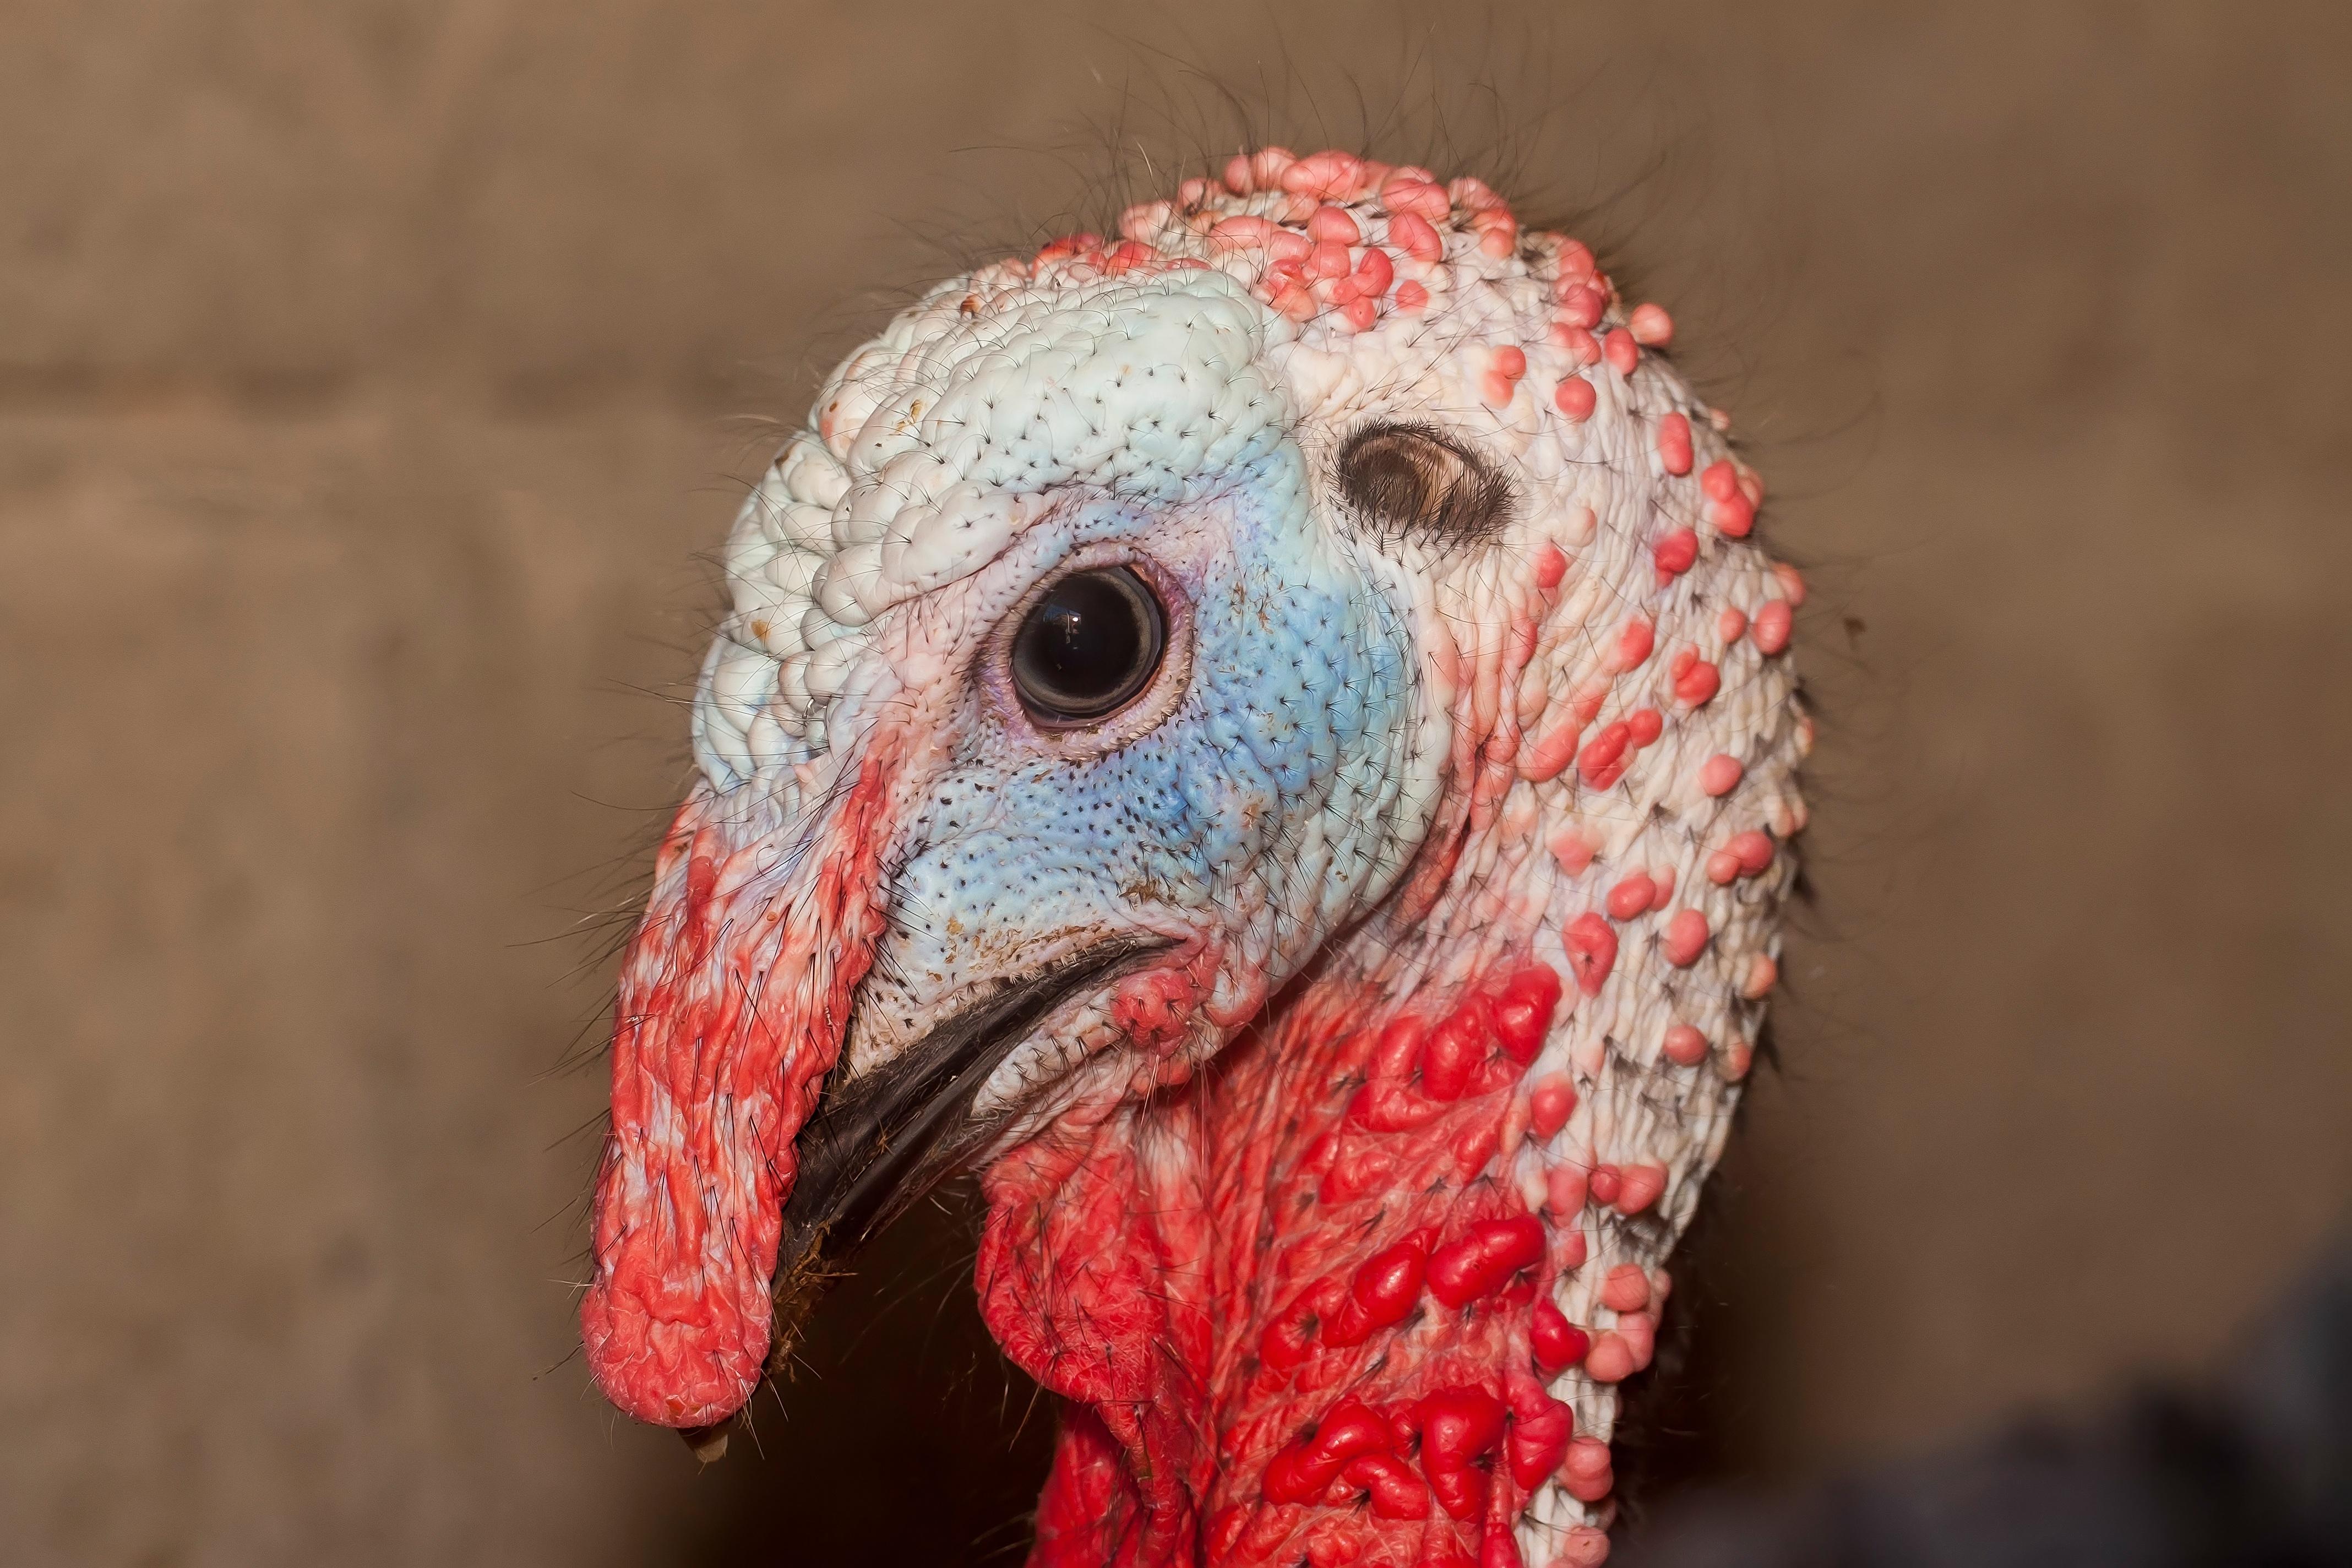 Kostenlose foto : Vogel, Tier, rot, Schnabel, Farbe, blau, bunt ...